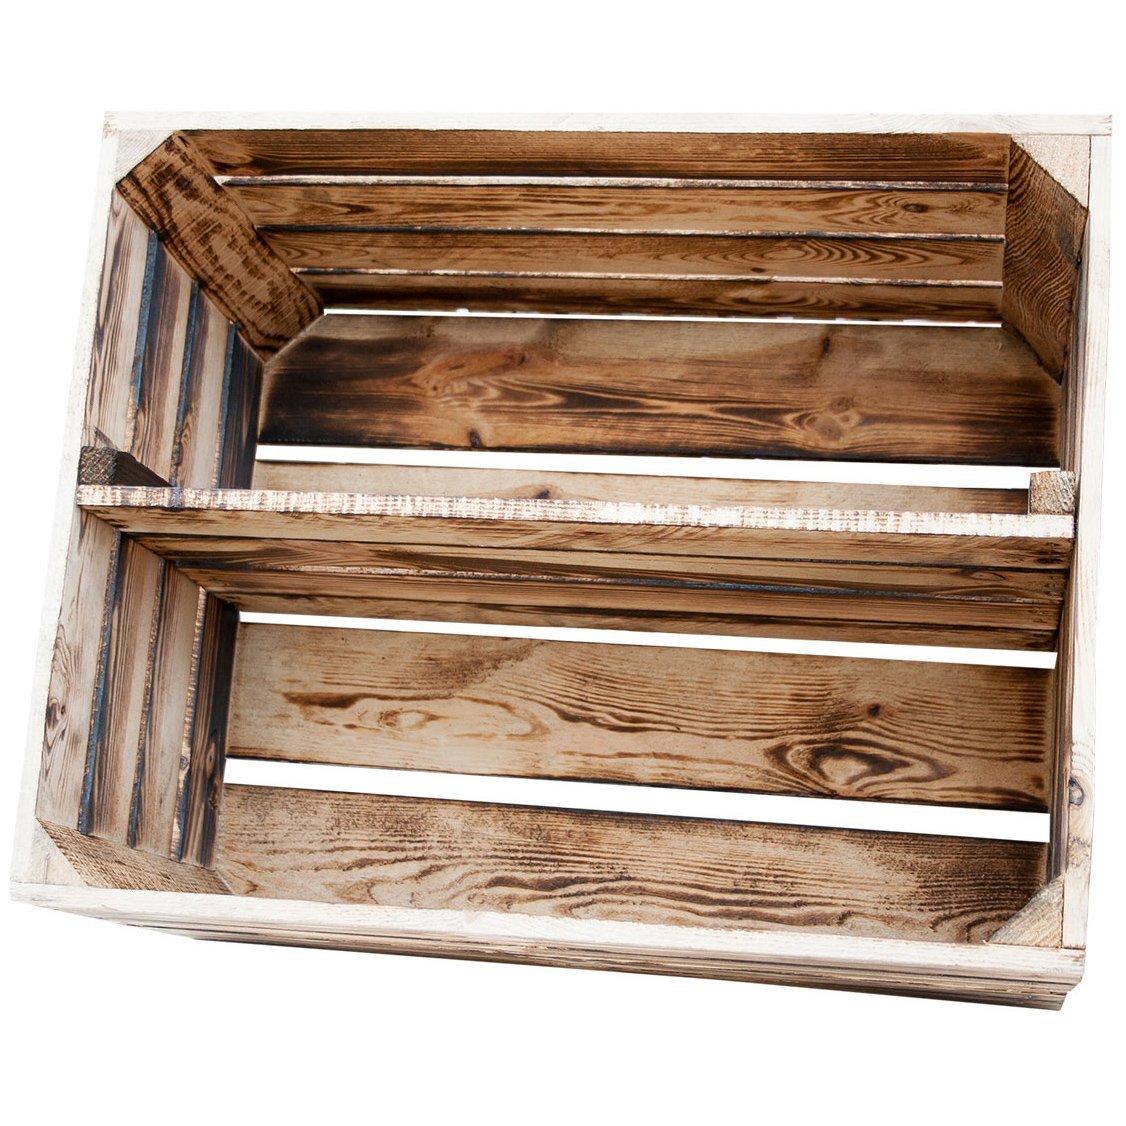 regal aus kisten eine b cherregal obstkiste in geflammtem stil pastikfreiheit de. Black Bedroom Furniture Sets. Home Design Ideas